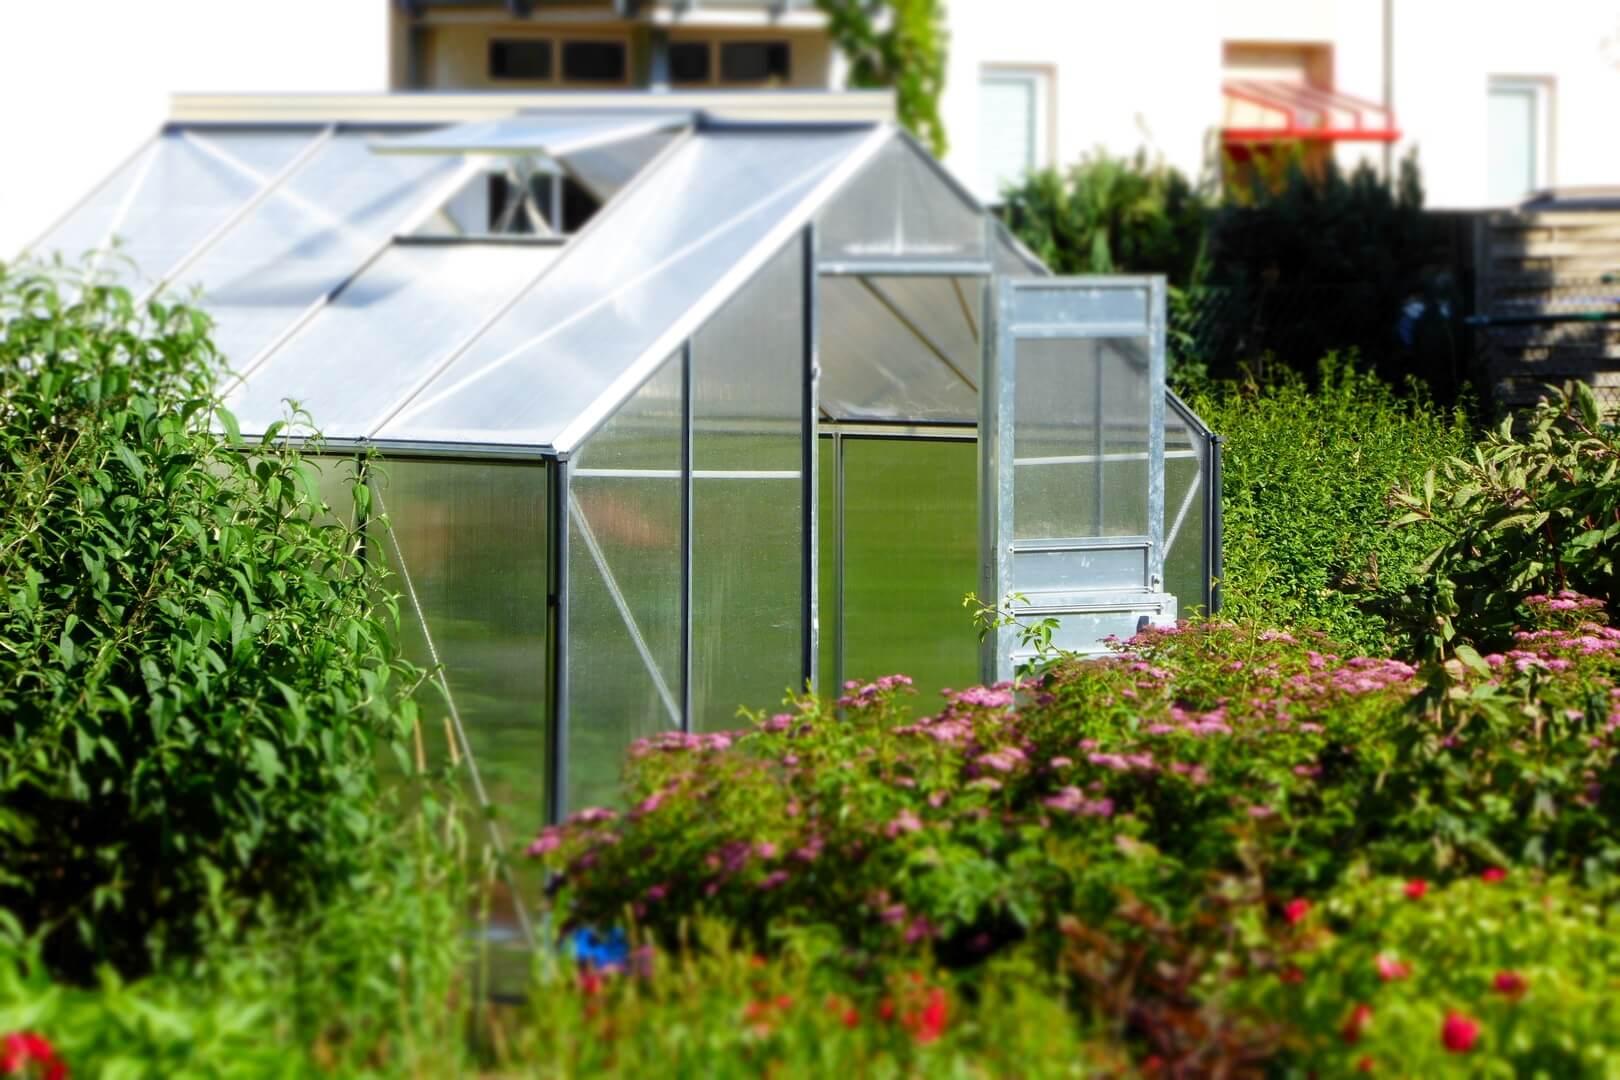 migliore-serra-da-giardino